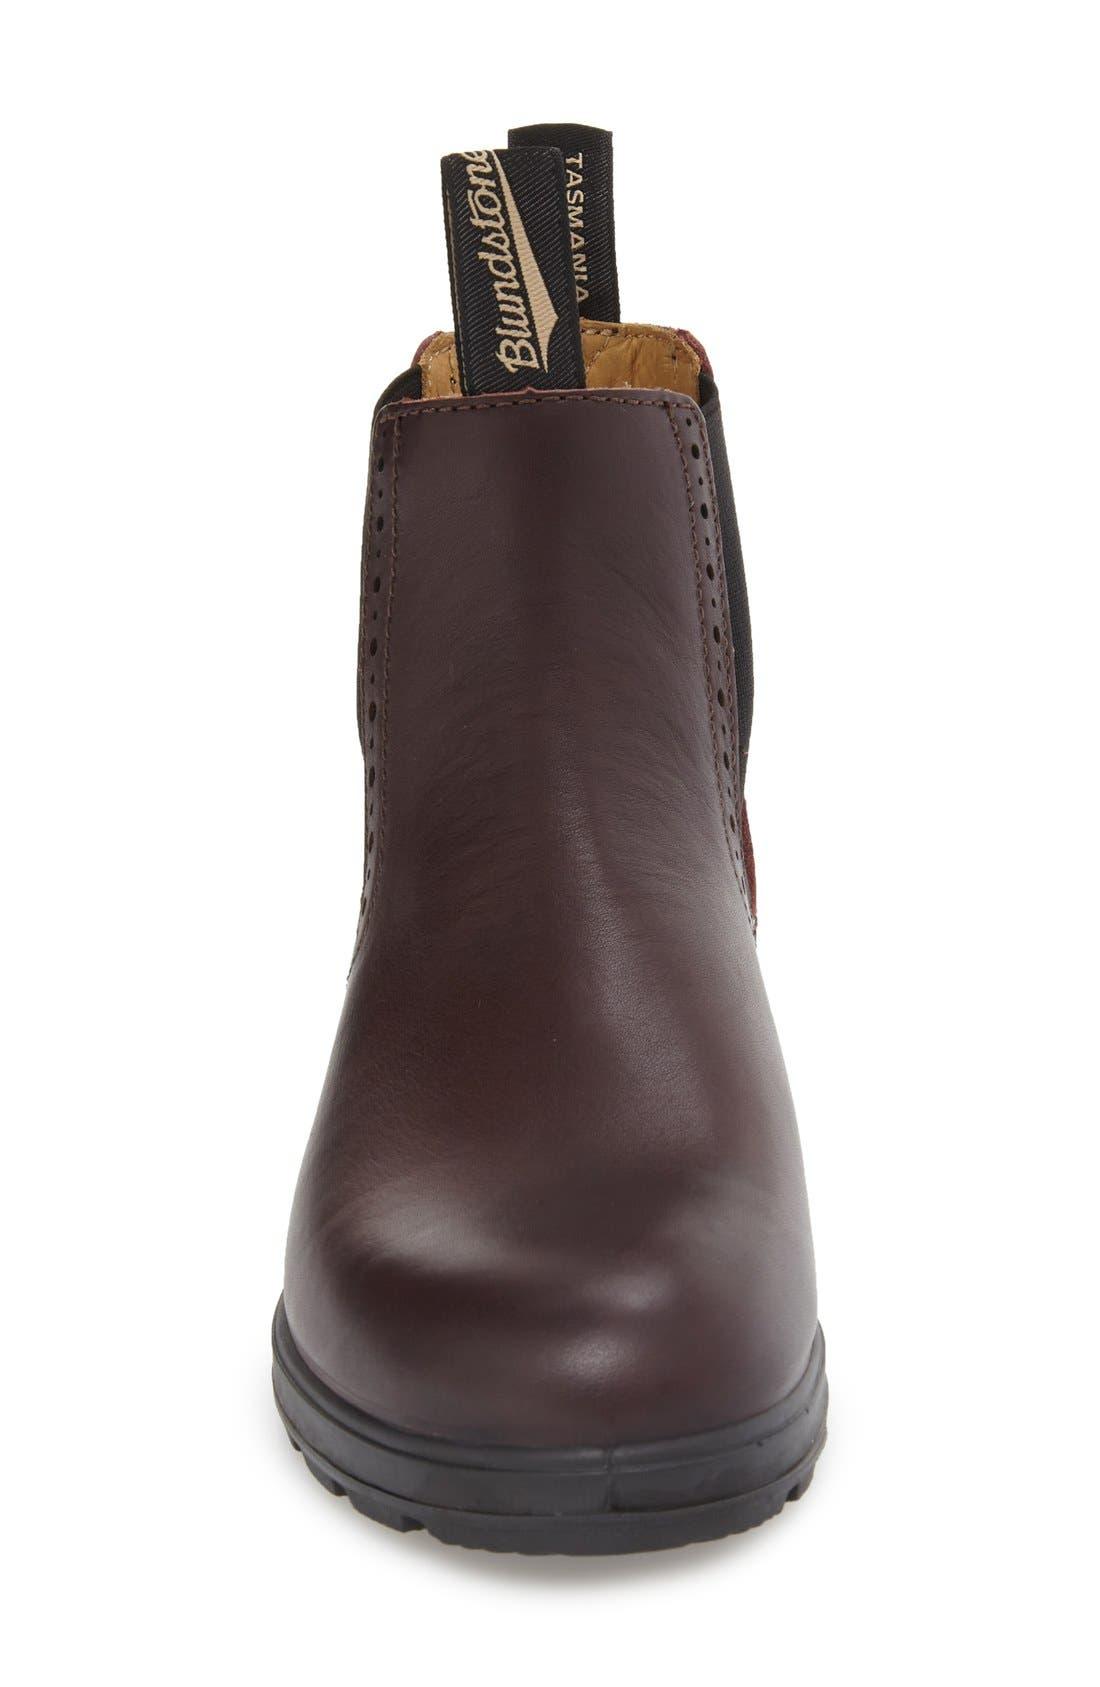 Alternate Image 3  - Blundstone Footwear 'Original Series' Water Resistant Chelsea Boot (Women)